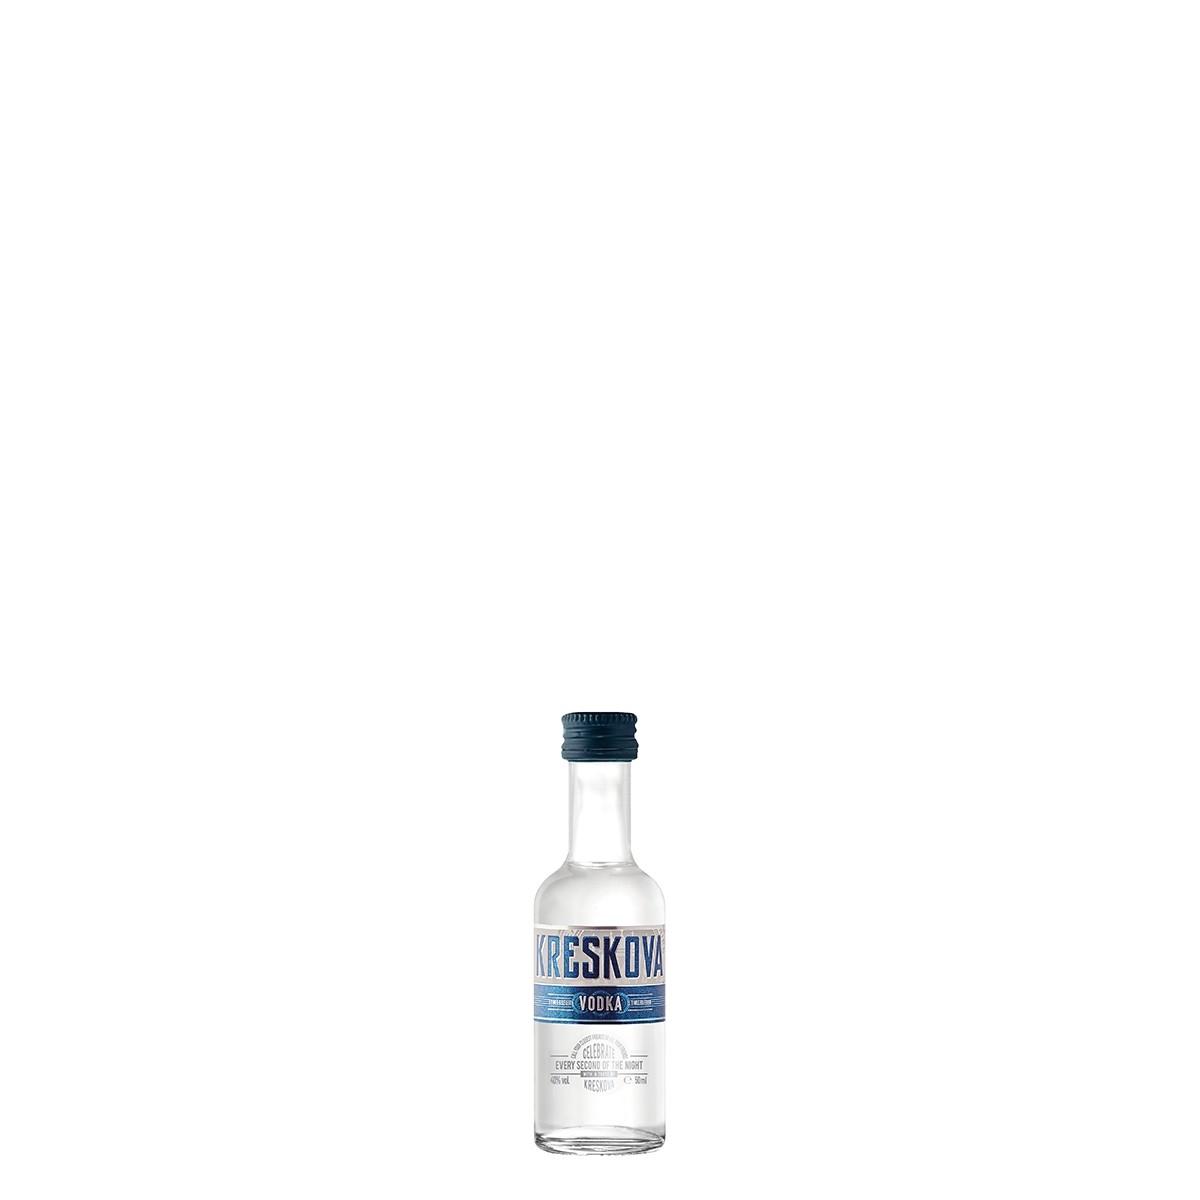 Kreskova Vodka 50 ml